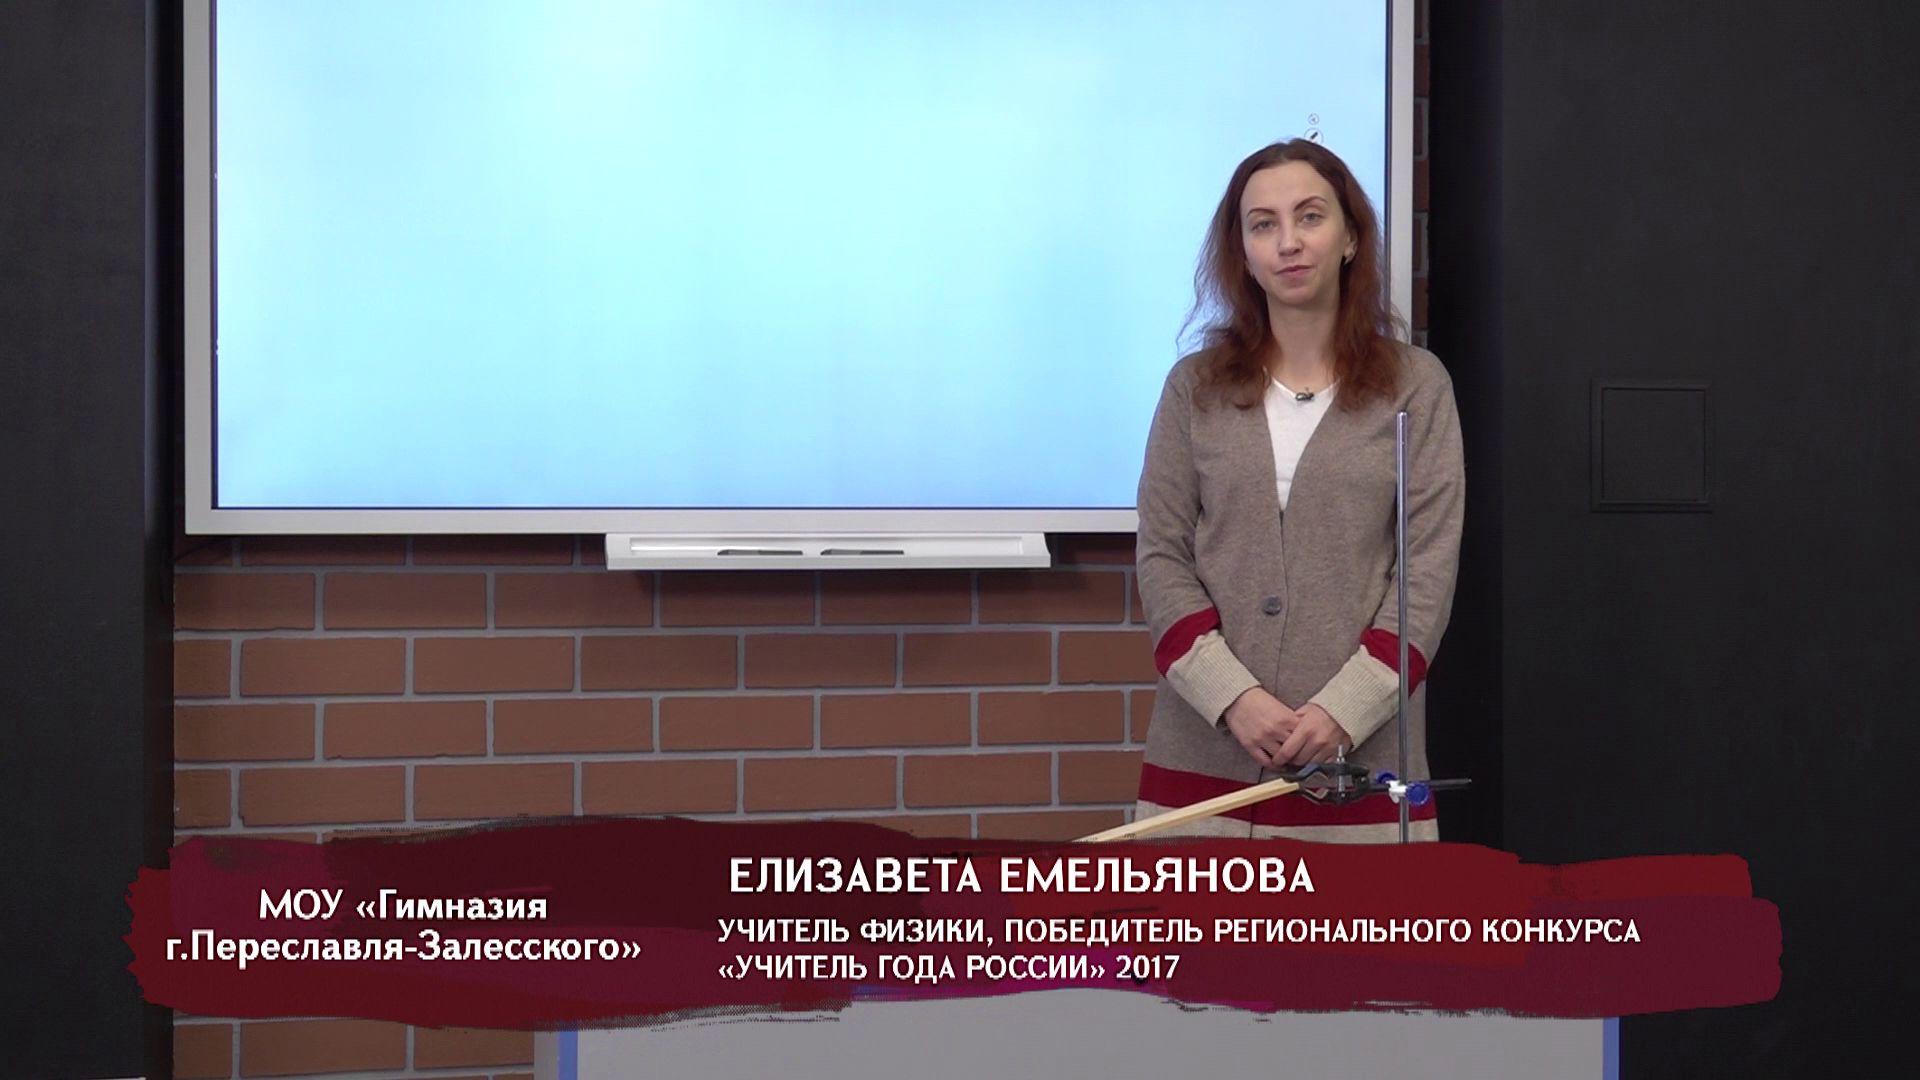 Телеуроки. Елизавета Емельянова. «Коэффициент полезного действия»